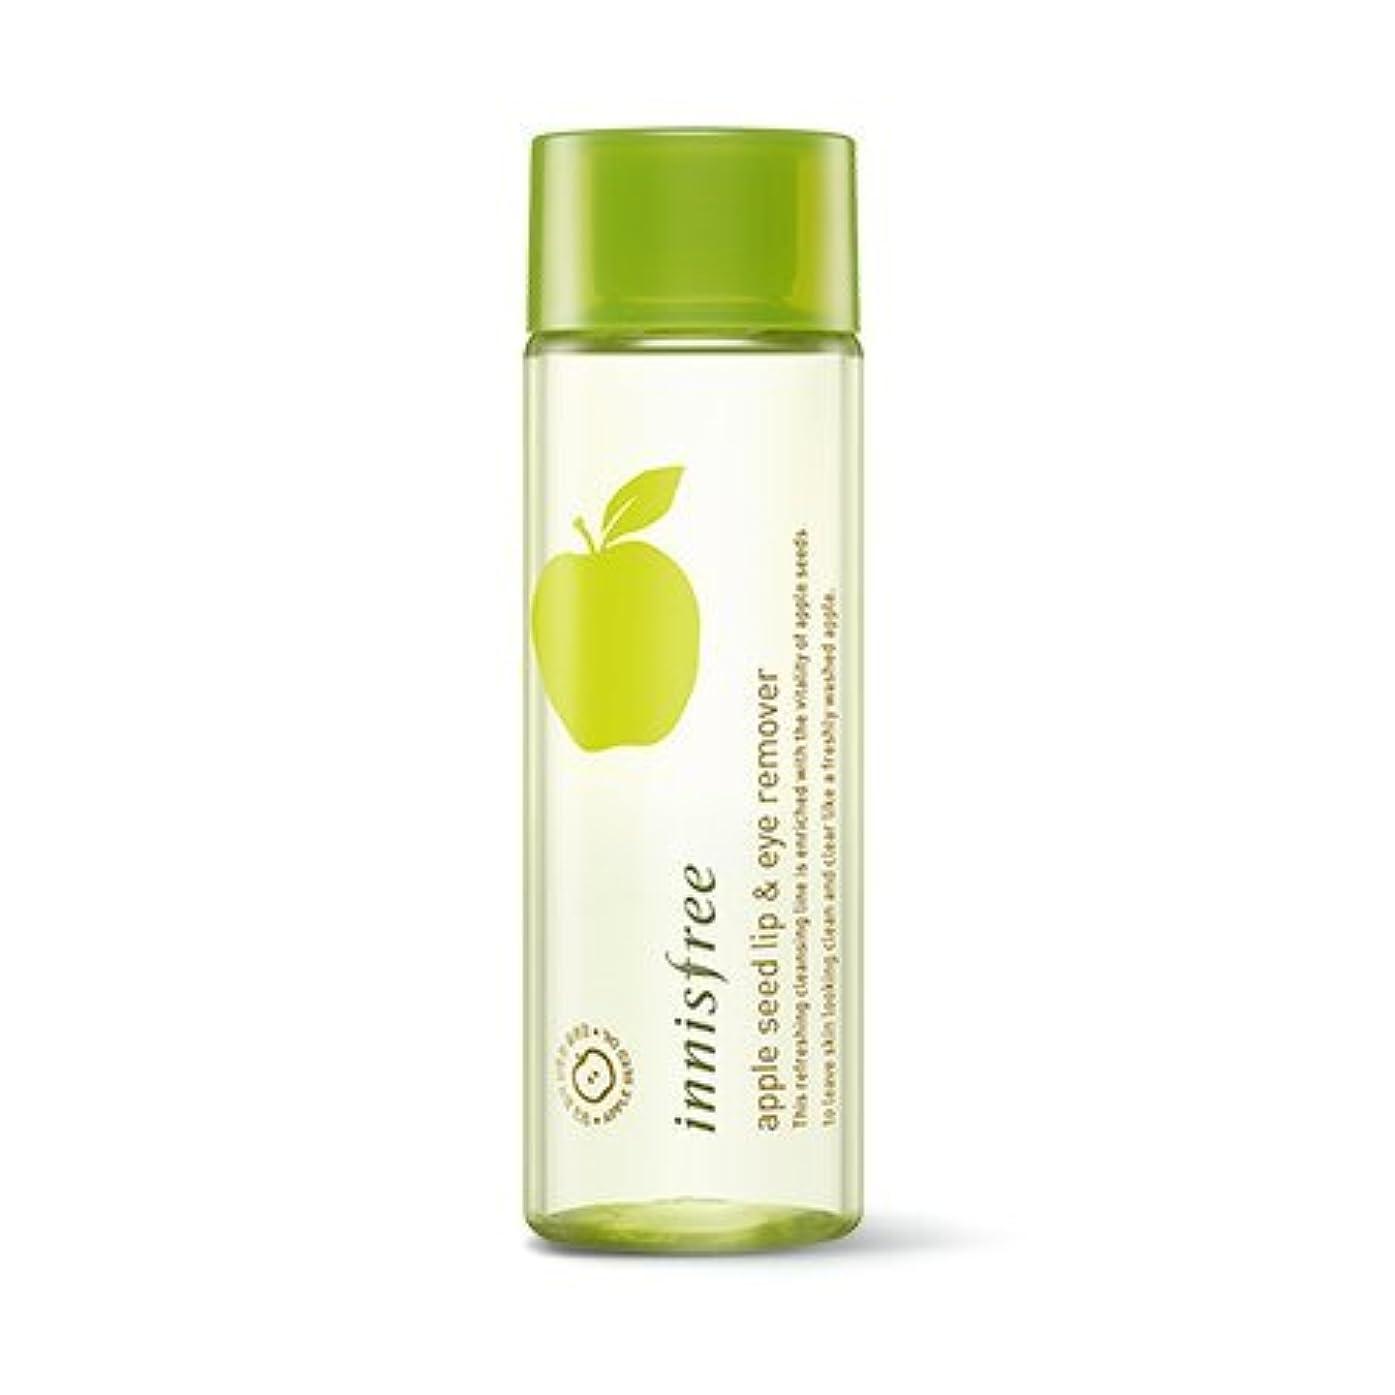 アダルト特定の遅滞[New] innisfree Apple Seed Lip & Eye Remover 100ml/イニスフリー アップル シード リップ&アイ リムーバー 100ml